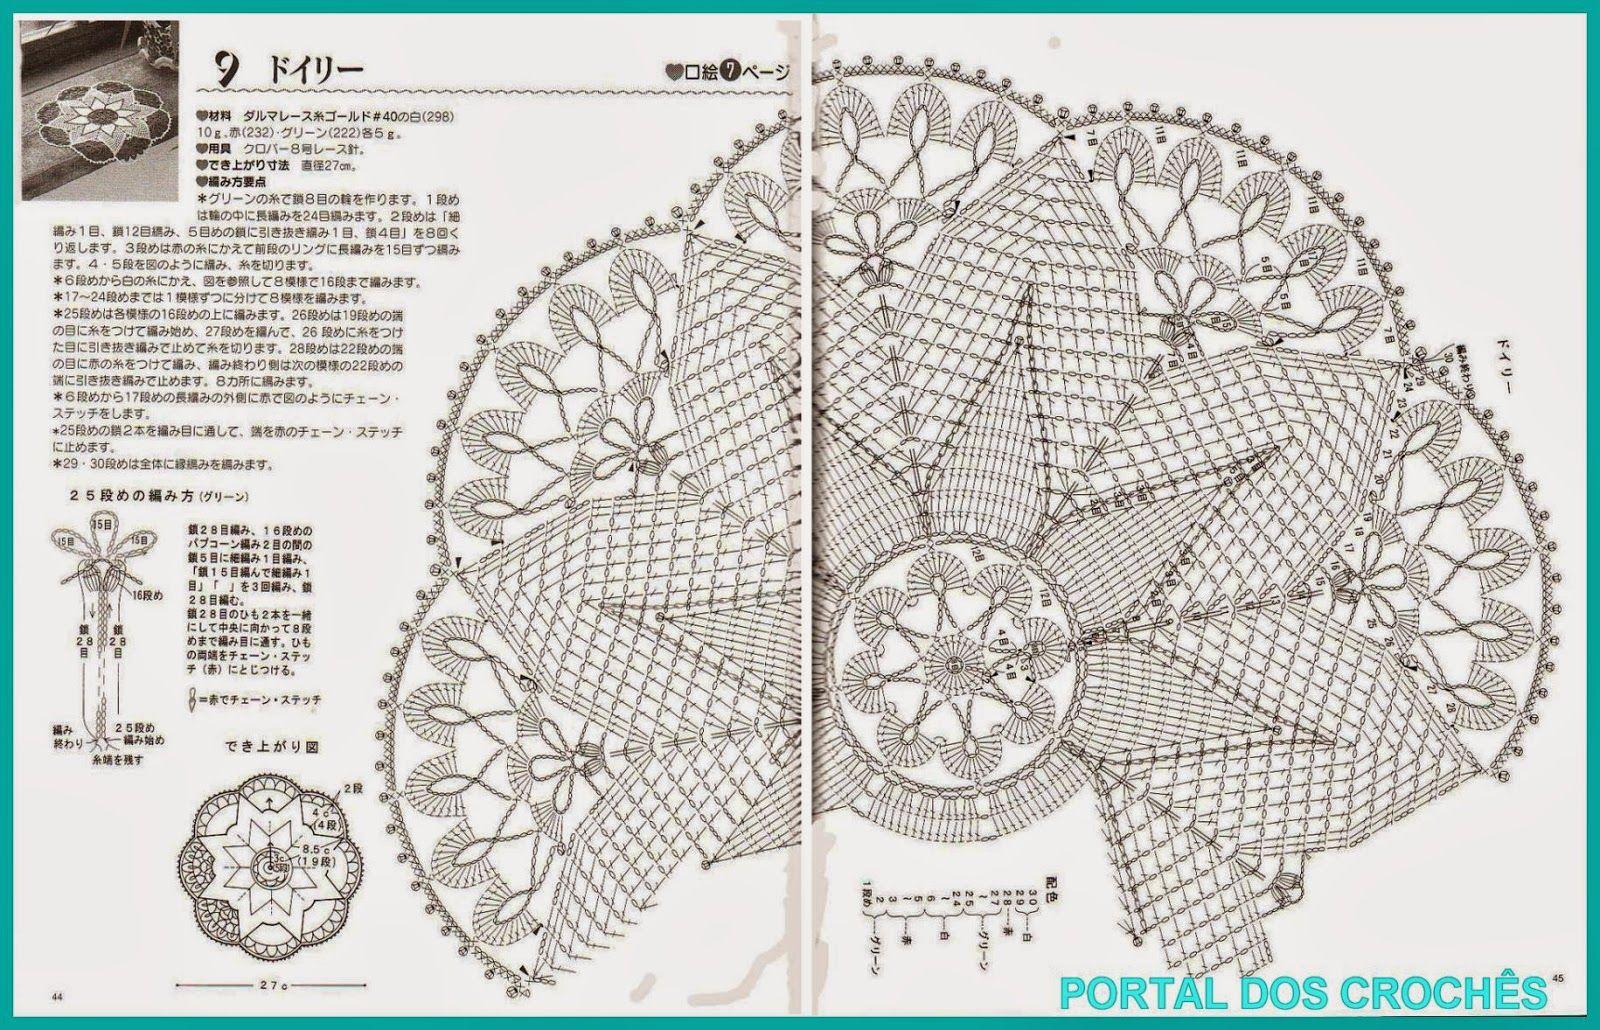 PORTAL OF crochets: CENTERS CROCHÊ